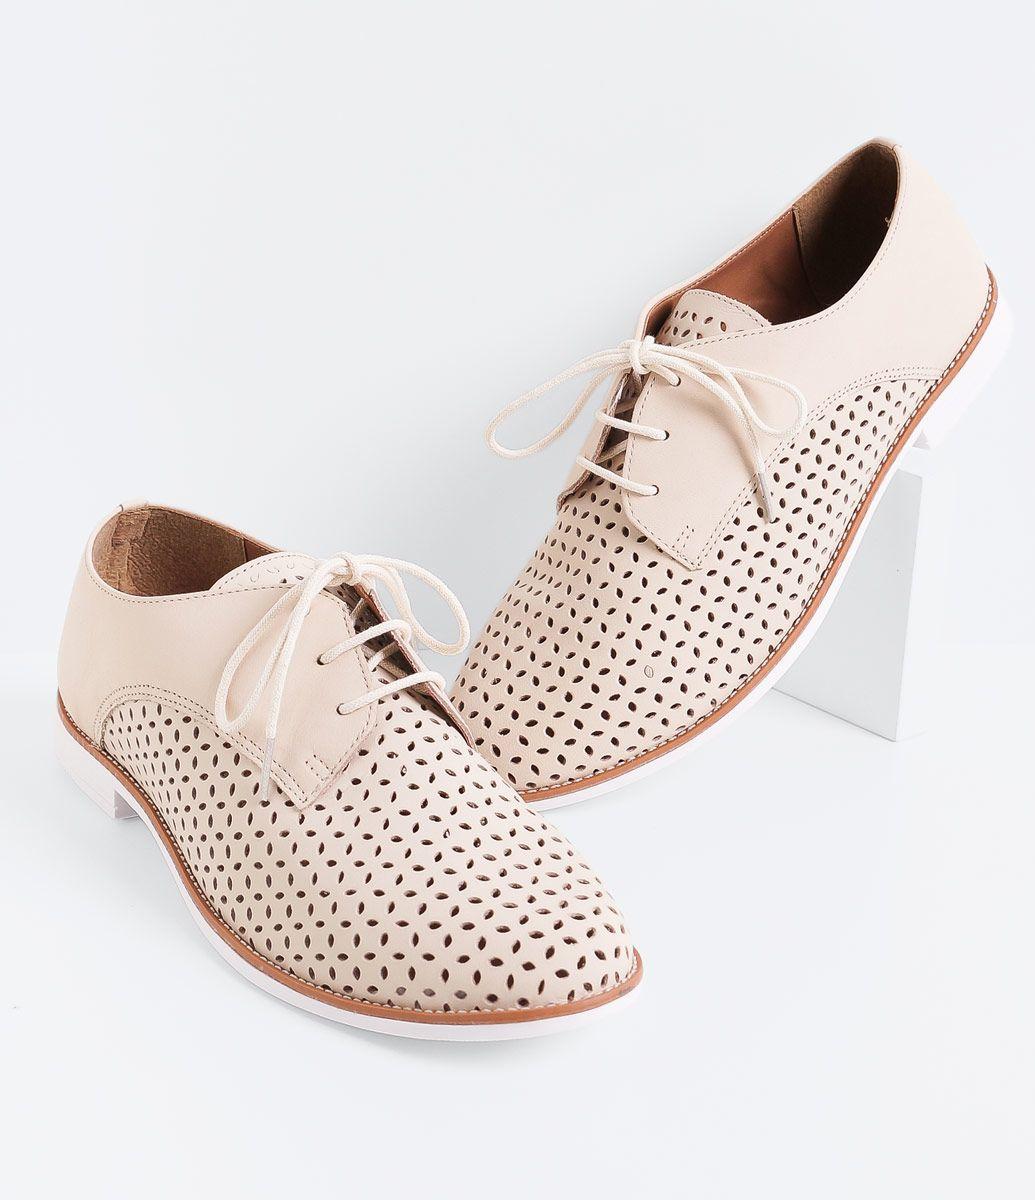 8d327b038 Sapato feminino Material: couro Vazado Marca: Satinato Oxford COLEÇÃO VERÃO  2016 Veja outras opções de sapatos masculinos. Sobre a marca Satinato A  Satinato ...